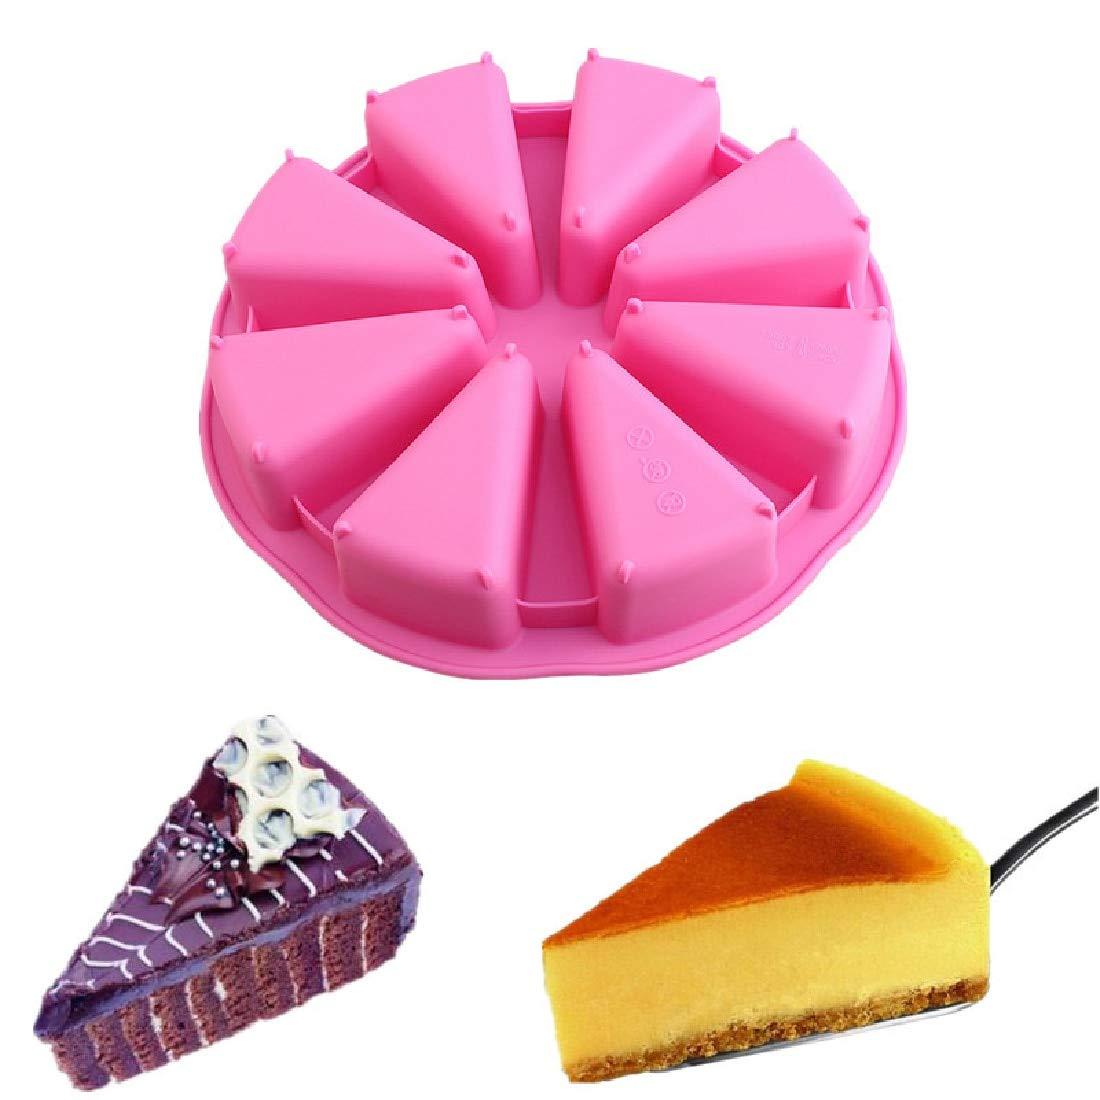 Basico Silicone Moule Forme De Tournesol Plat De Cuisson Outils De Décoration De Gâteau Chocolat Savon Moule Gâteau Pochoirs DIY Cuisine Pâtisserie Outil